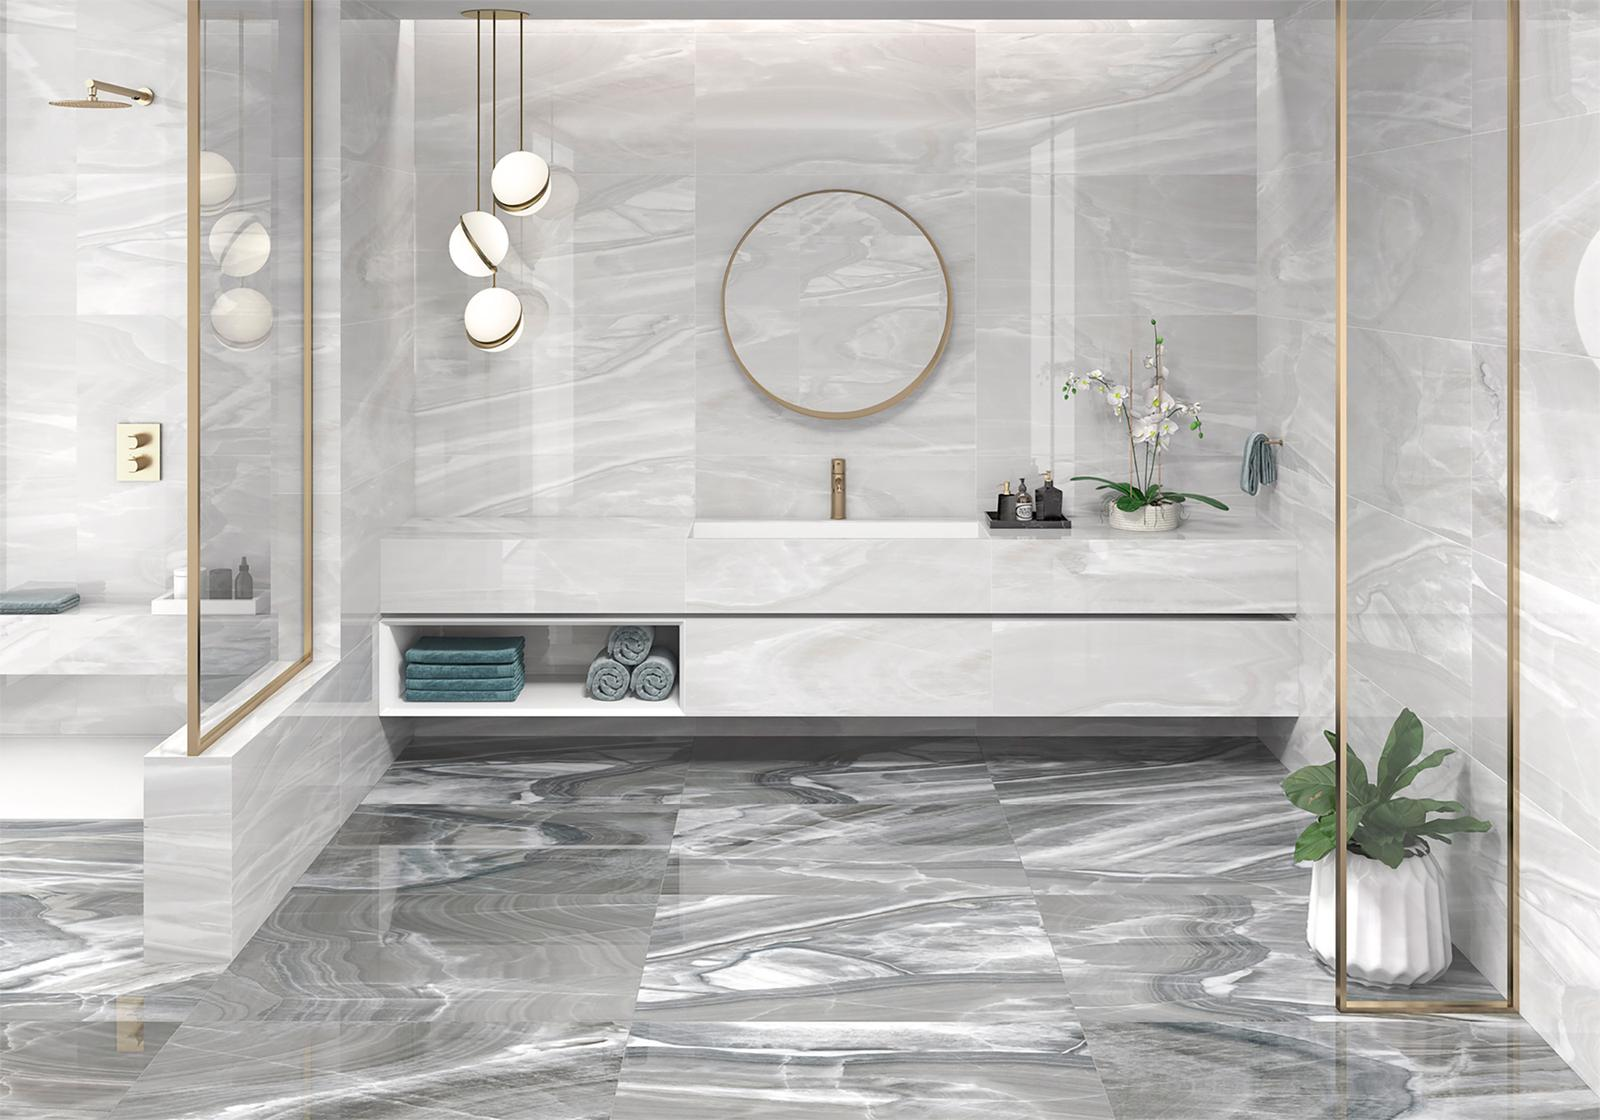 Luxusné kúpelne zo Španielska - moderná lesklá kúpeľňa Arezzo Ice 49,1x98,2, Arezzo Deep 49,1x98,2